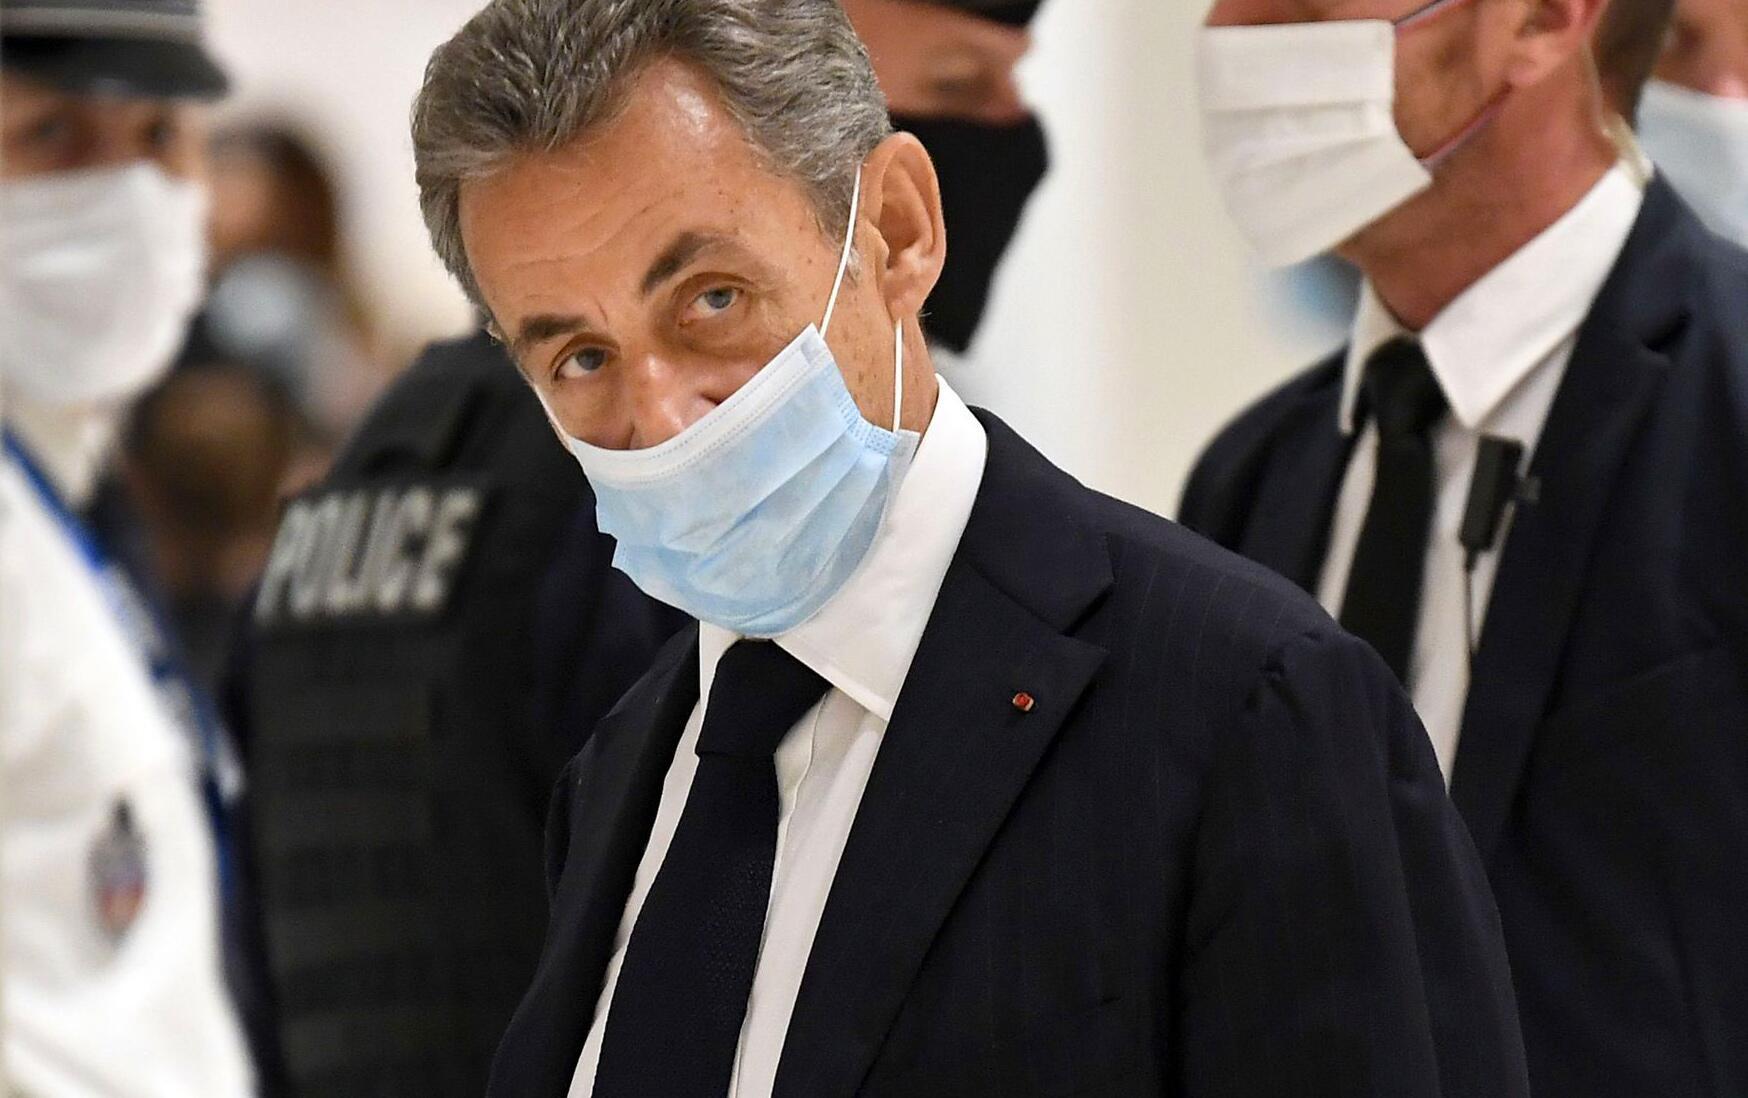 Bild zu Prozess gegen ehemaligen französischen Präsidenten Sarkozy